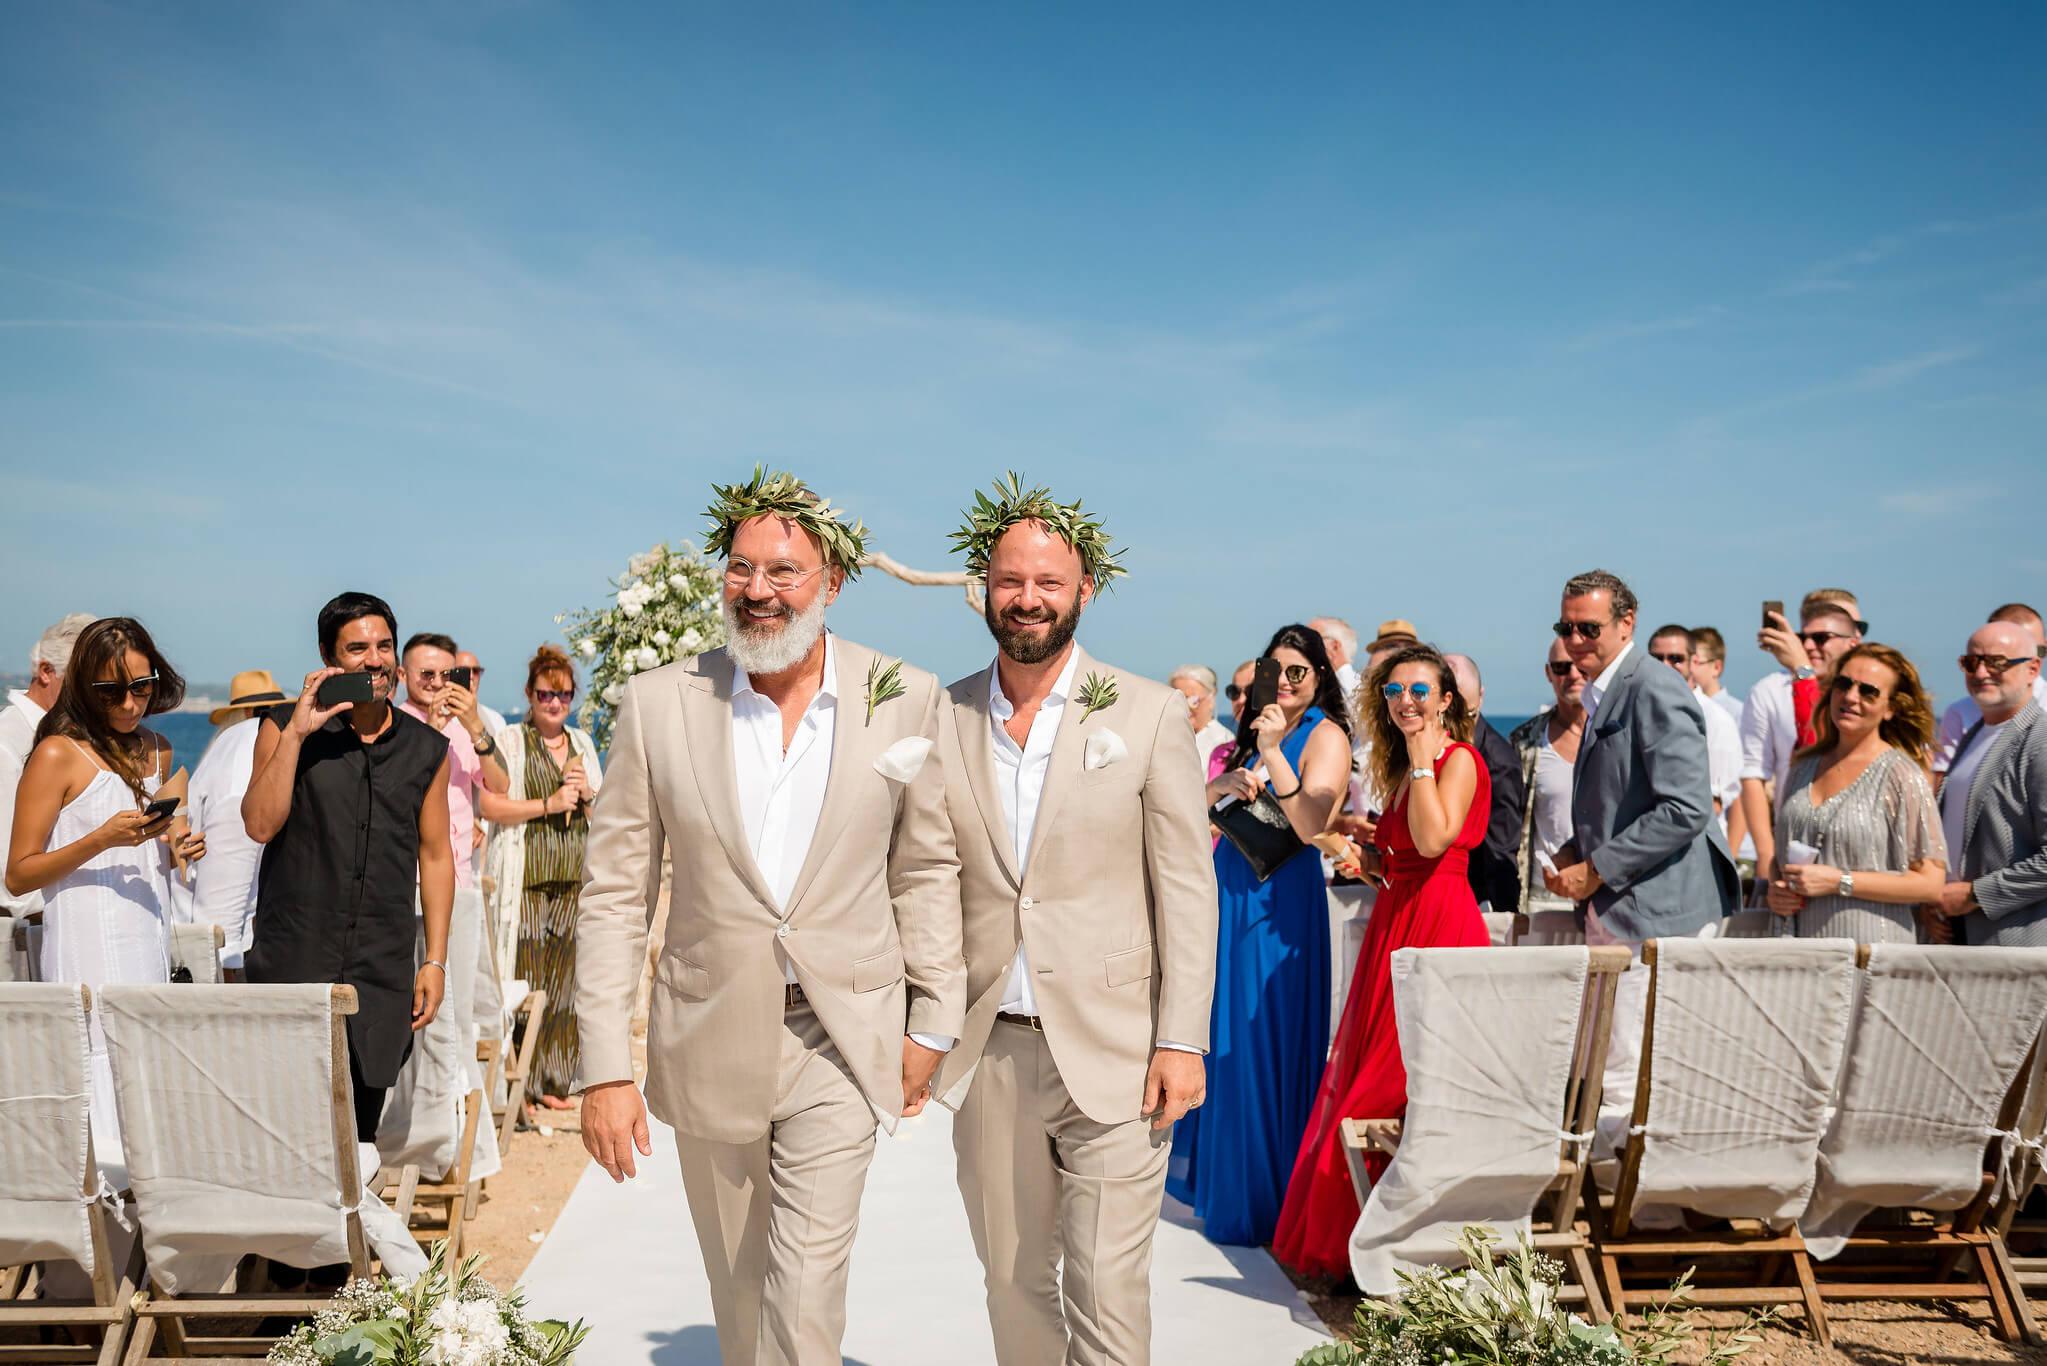 https://www.white-ibiza.com/wp-content/uploads/2020/03/ibiza-wedding-photographer-gypsy-westwood-2020-03.jpg